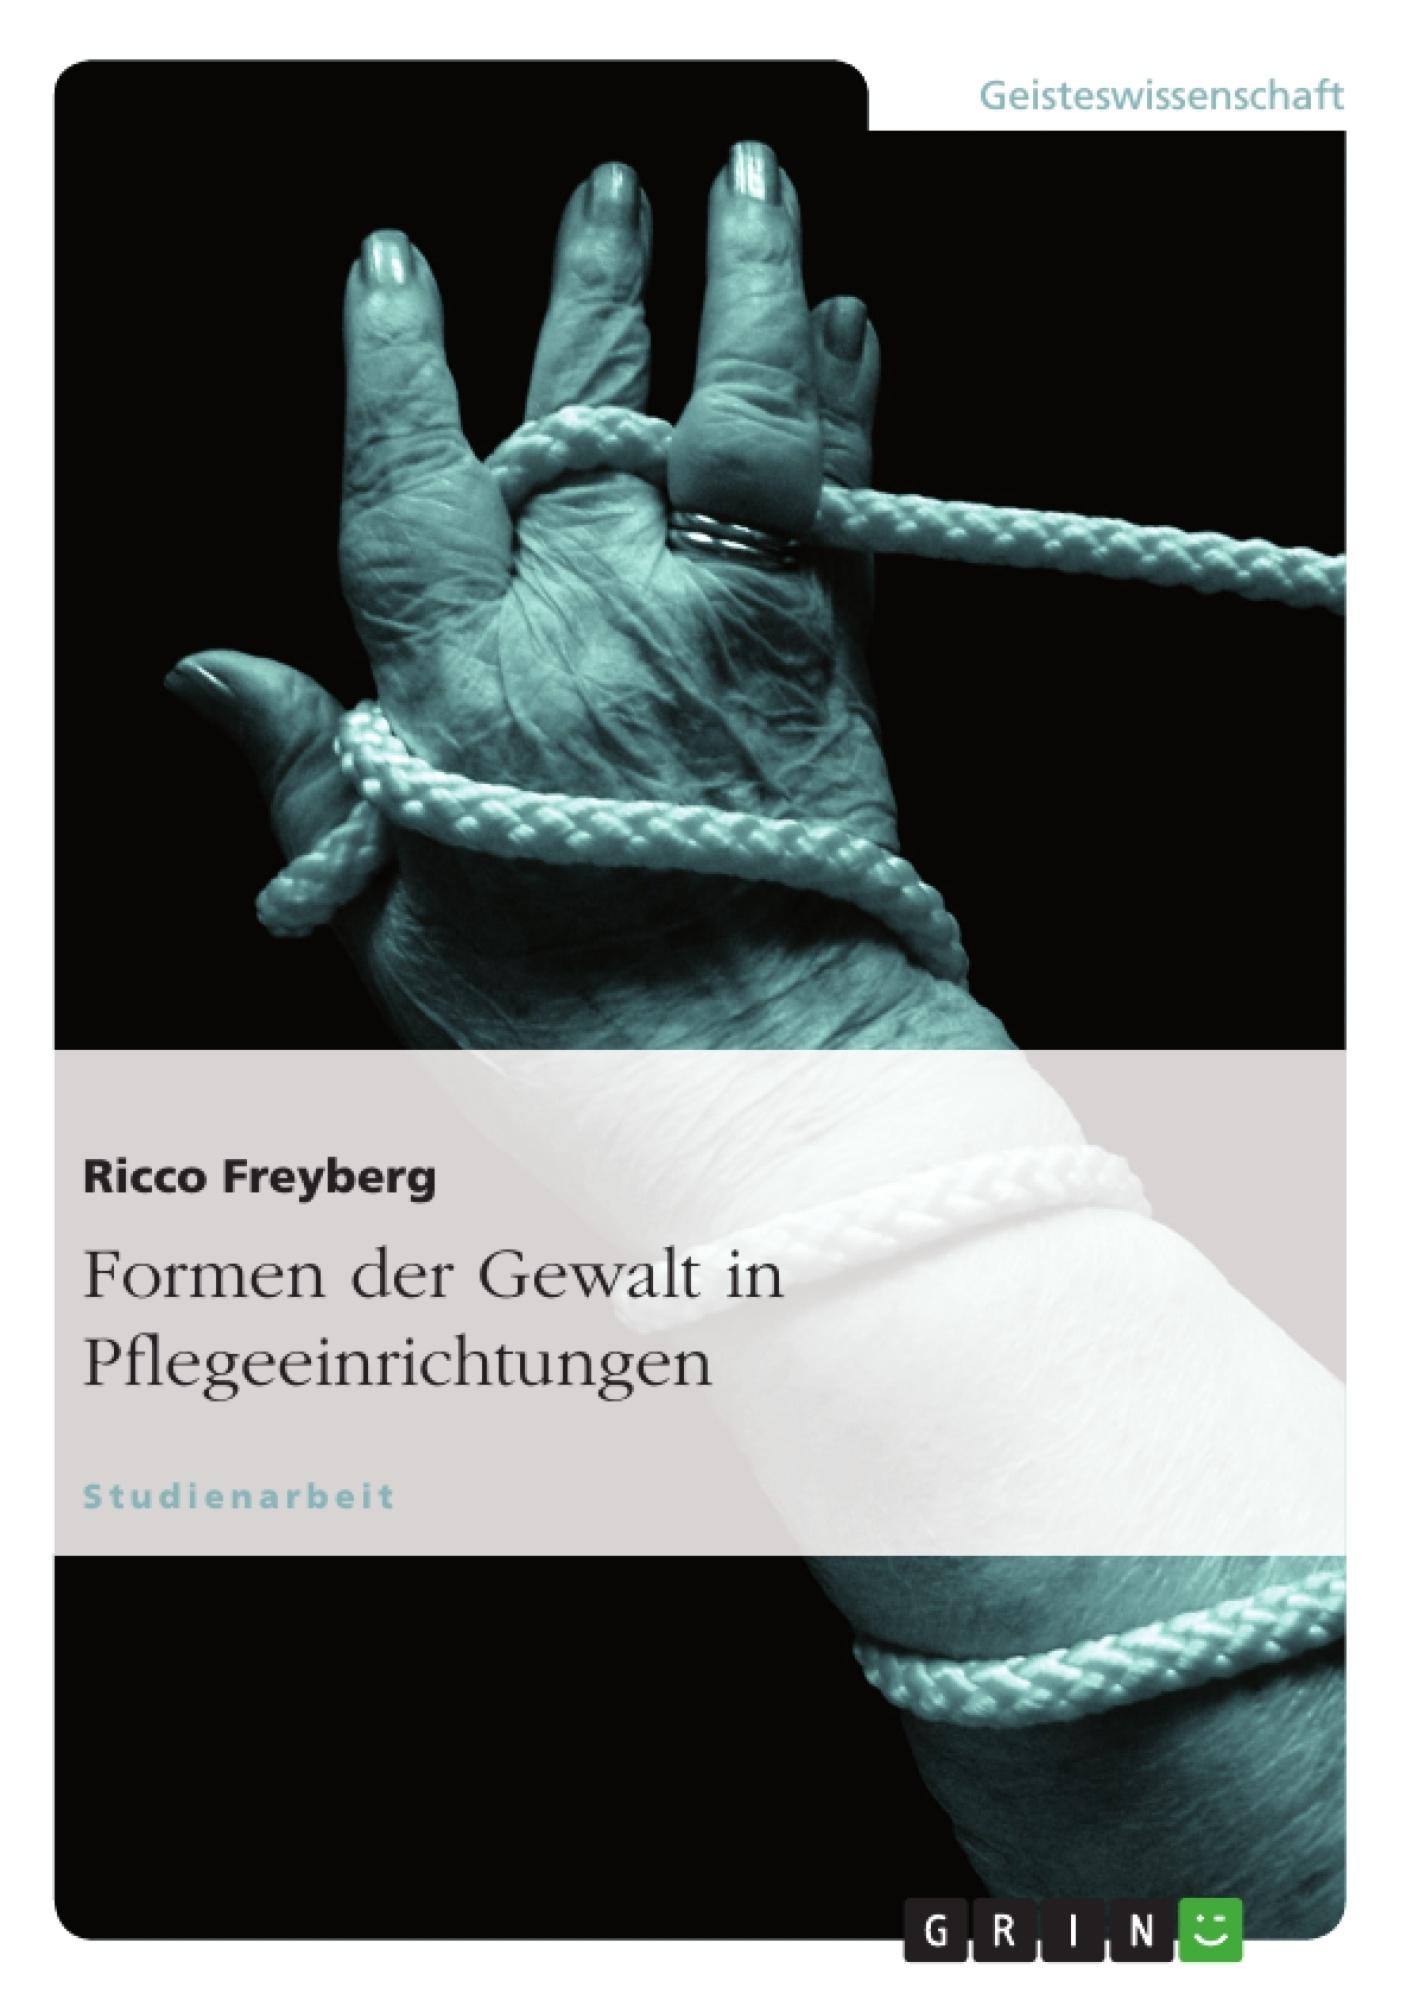 Titel: Formen der Gewalt in Pflegeeinrichtungen